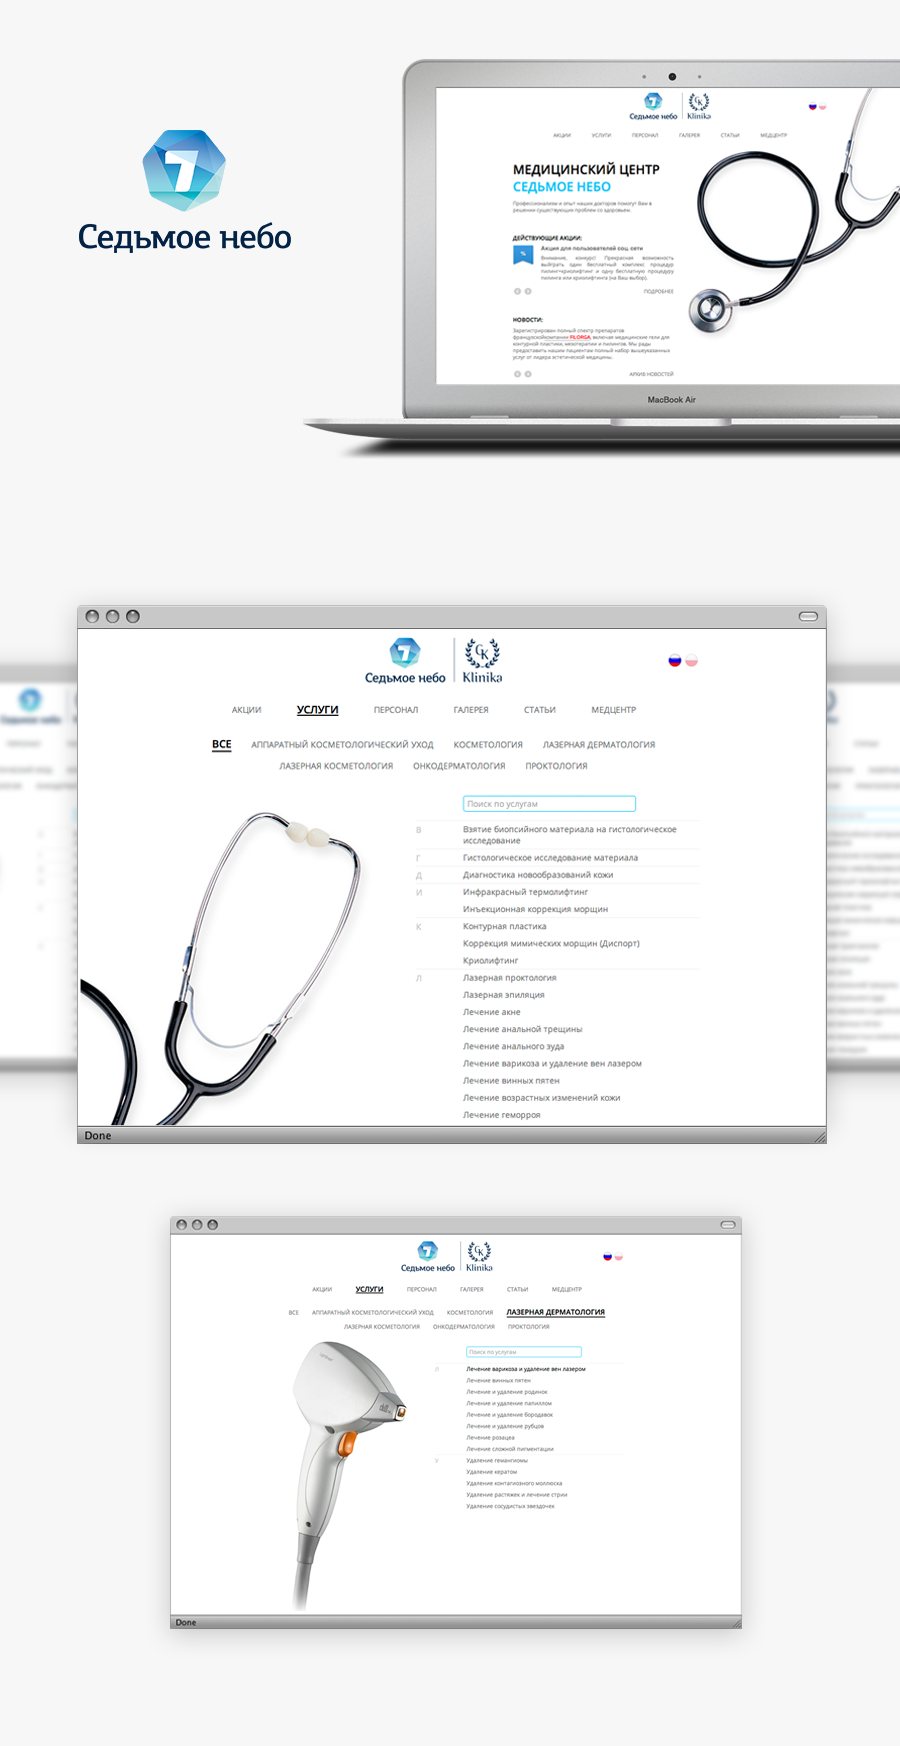 Пример дизайна для сайта медицинского центра.